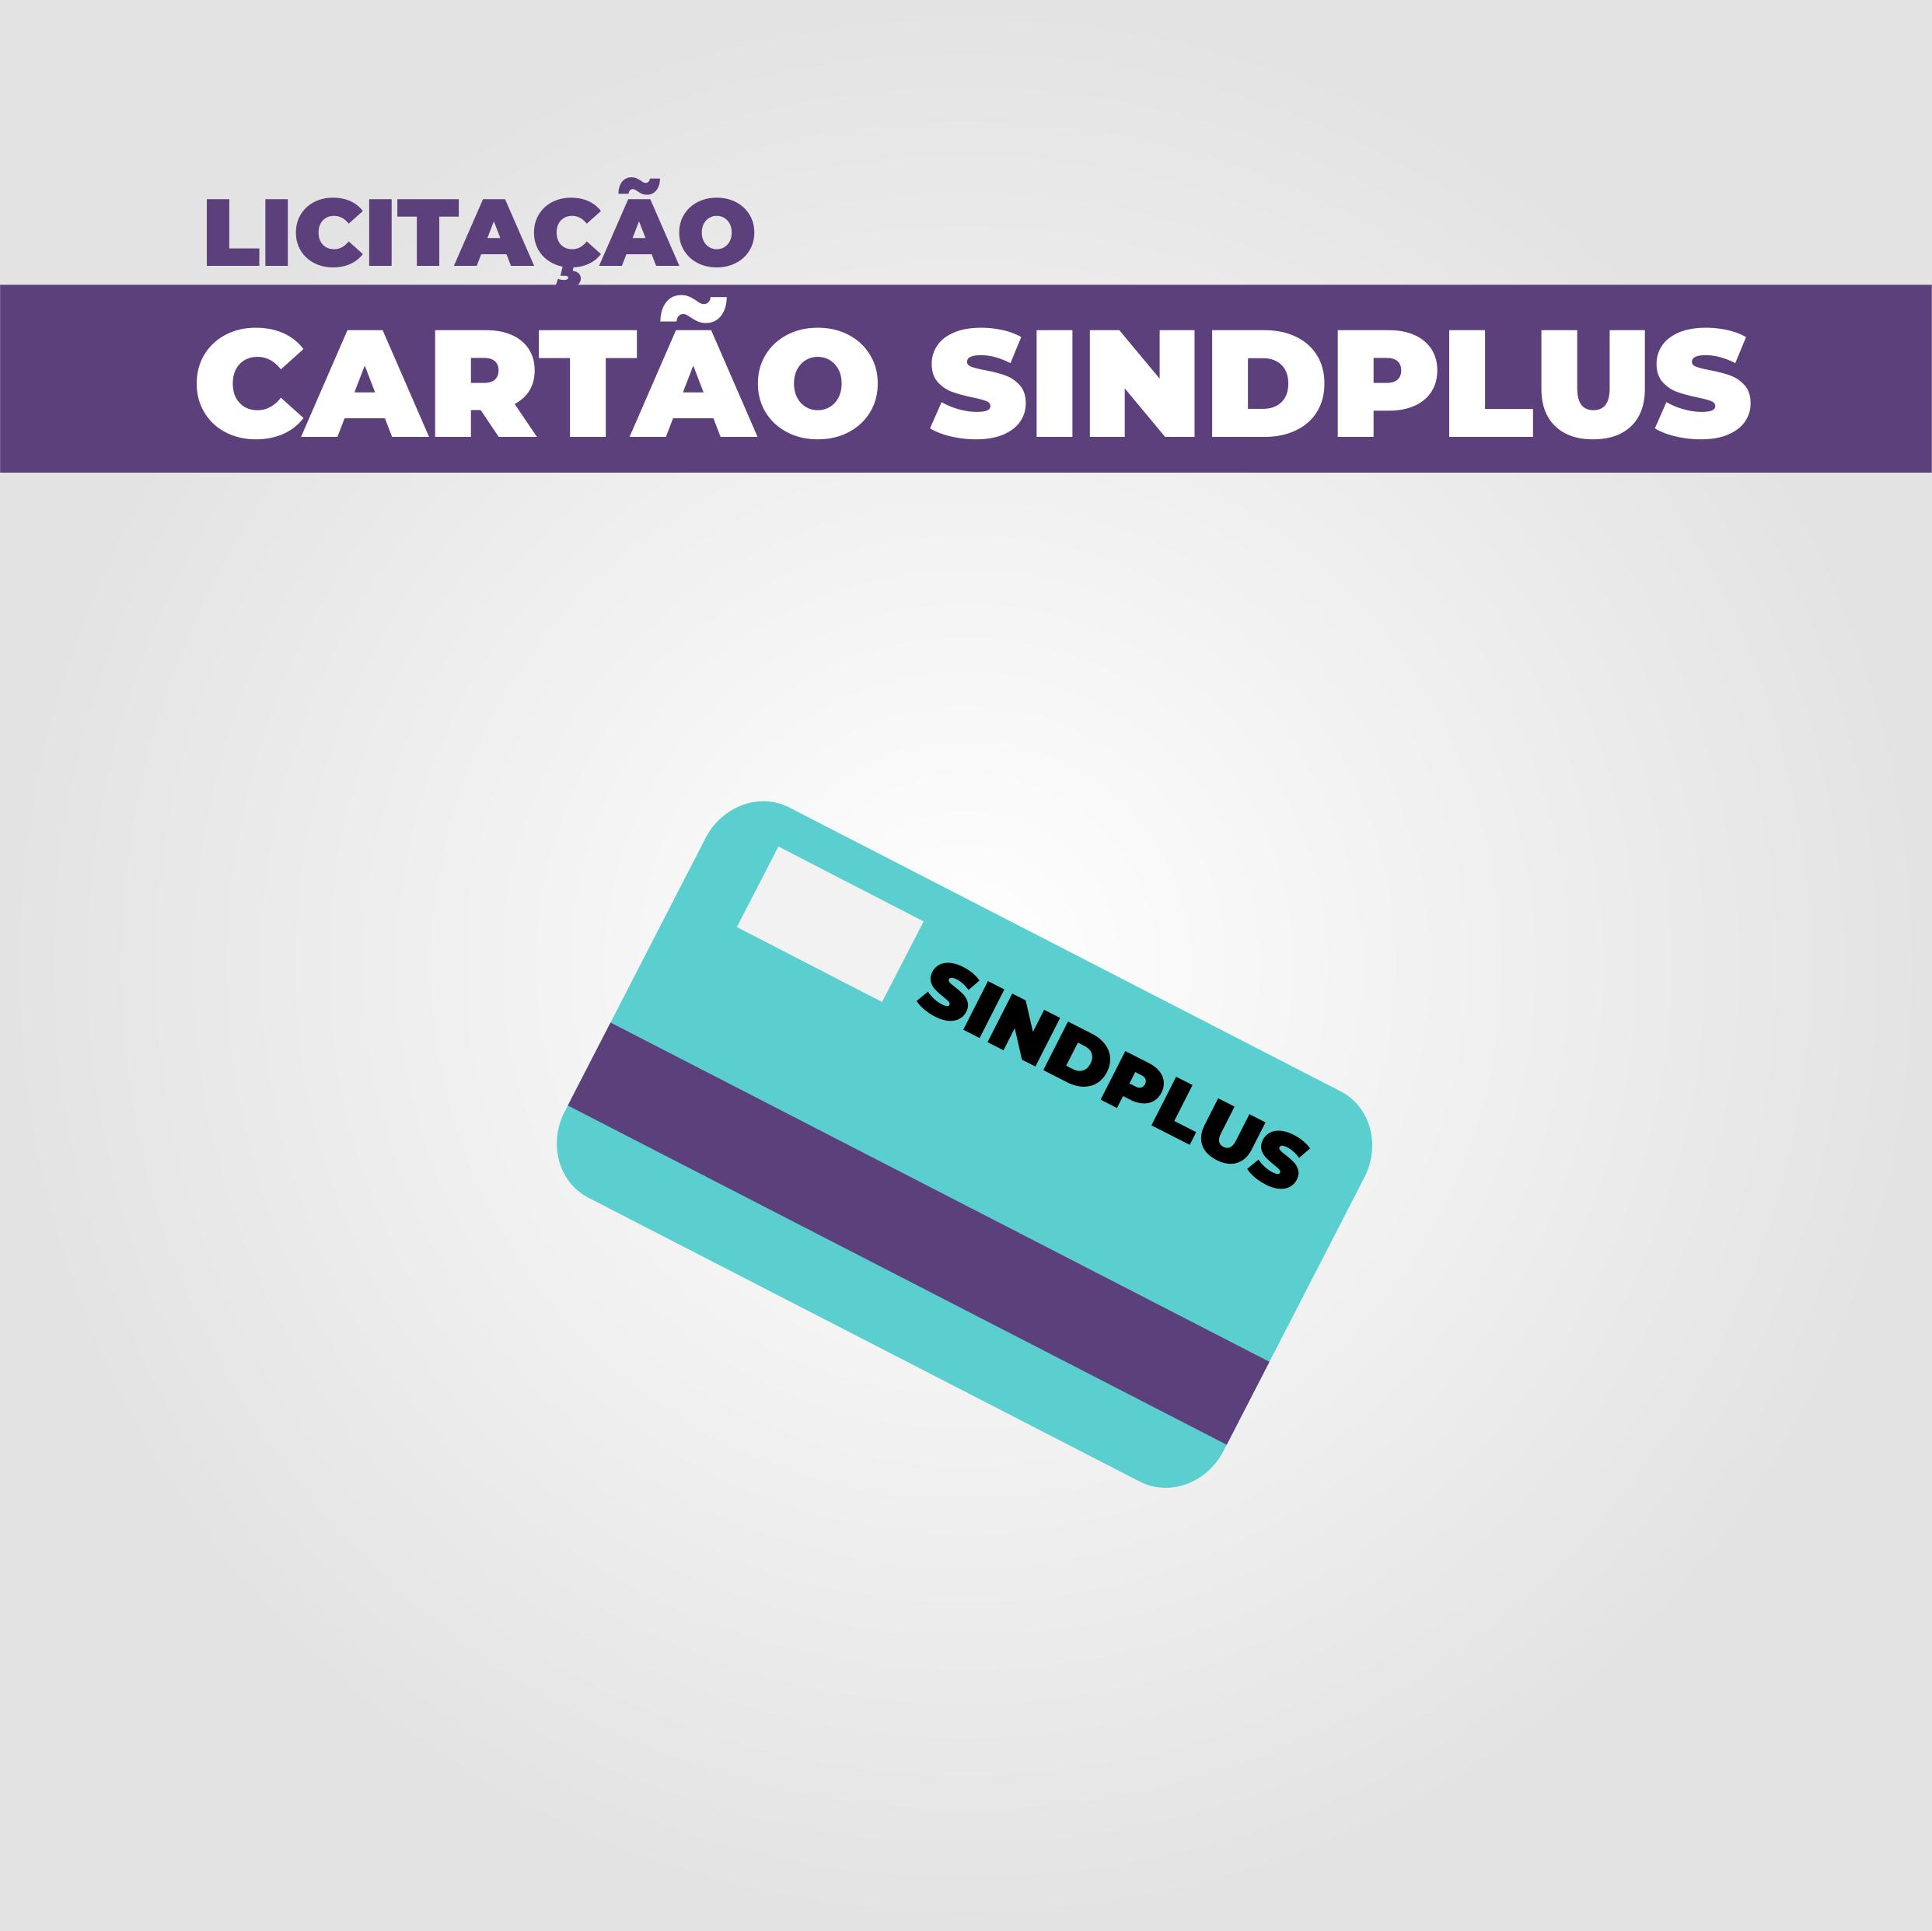 Cartão Alimentação dos servidores de Prudente será fornecido pela Sindplus a partir de novembro